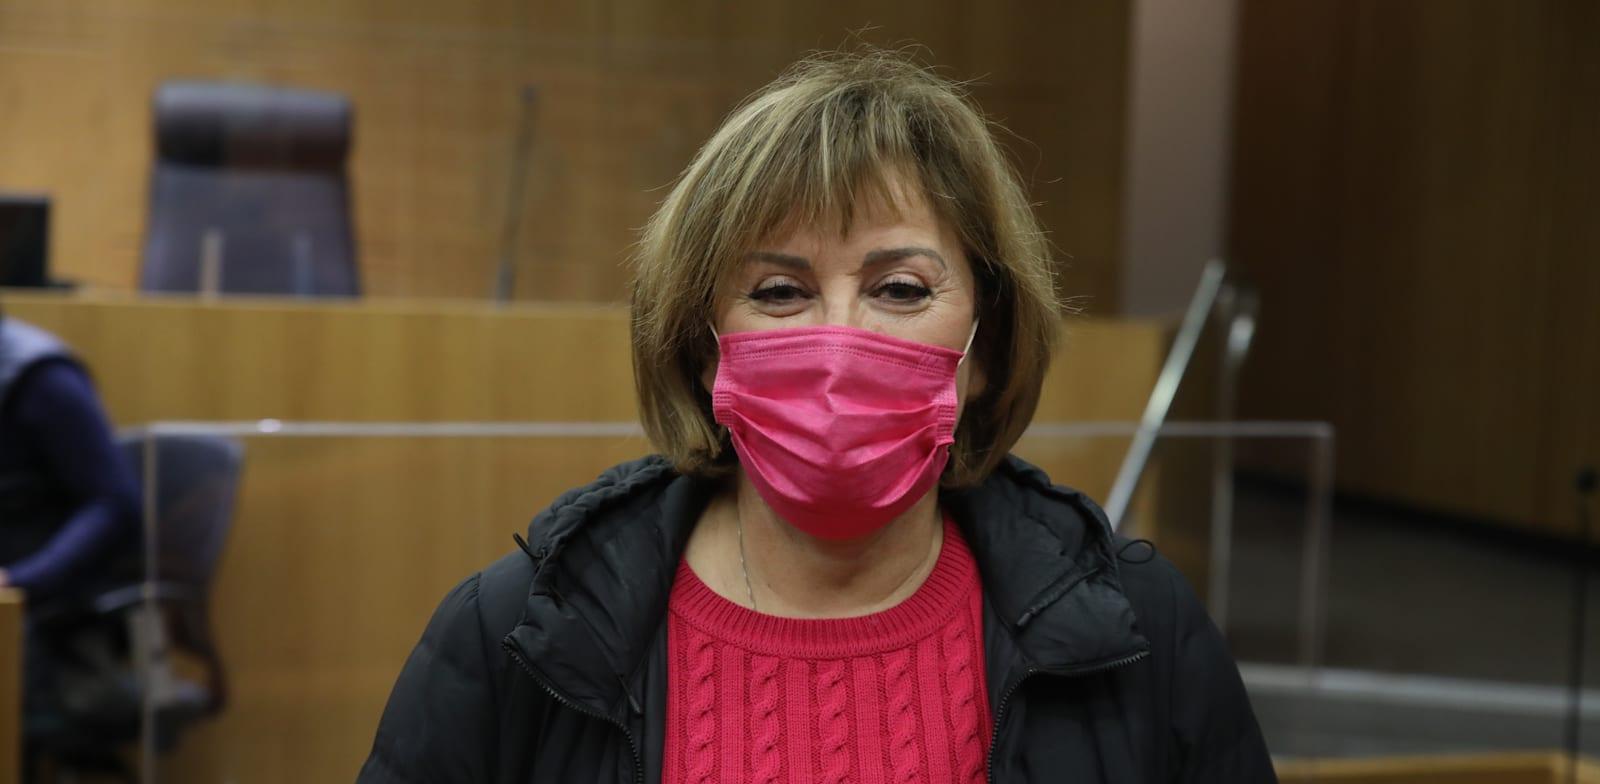 פאינה קירשנבאום בבית המשפט / צילום: כדיה לוי